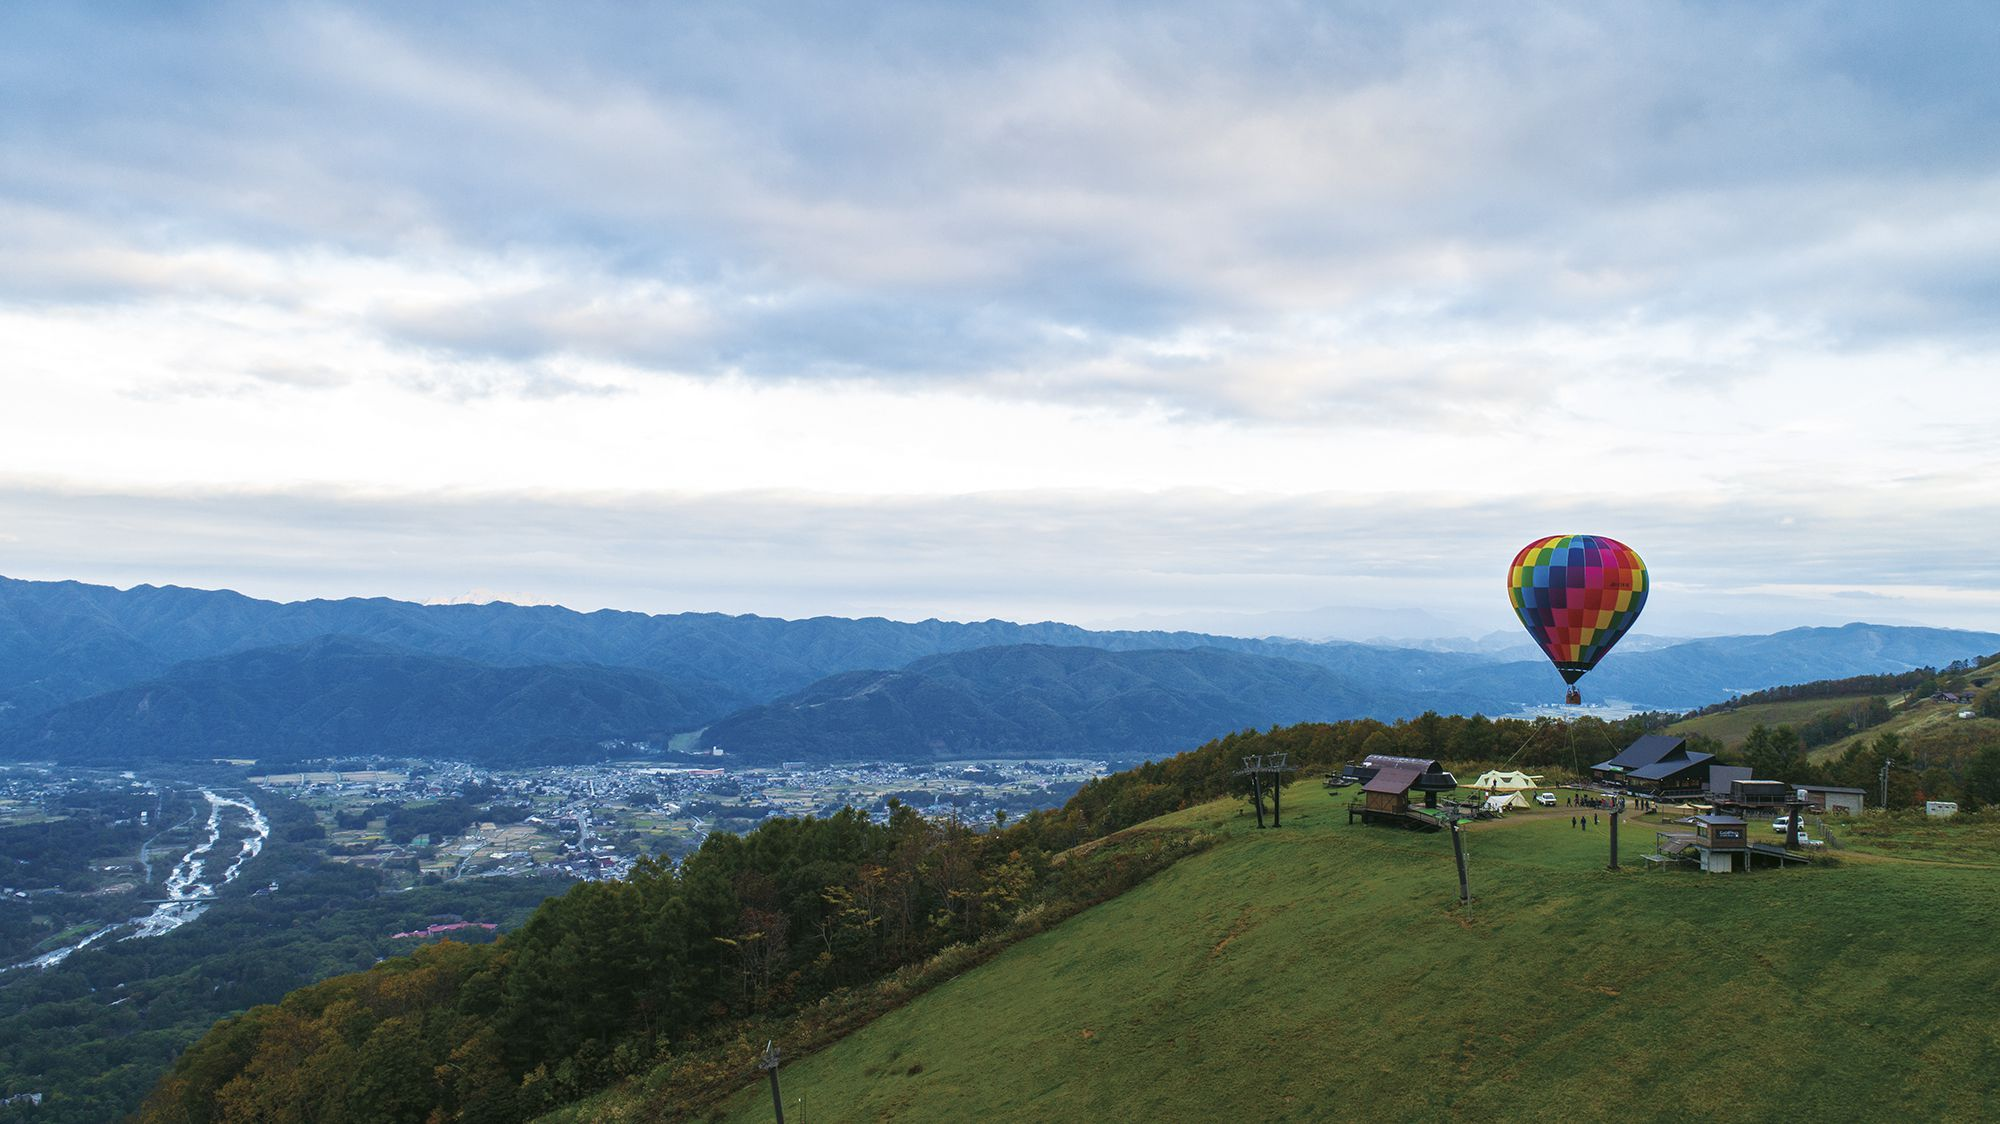 熱気球から雄大な北尾根高原を眺める贅沢なアクティビティもオプションで用意している。